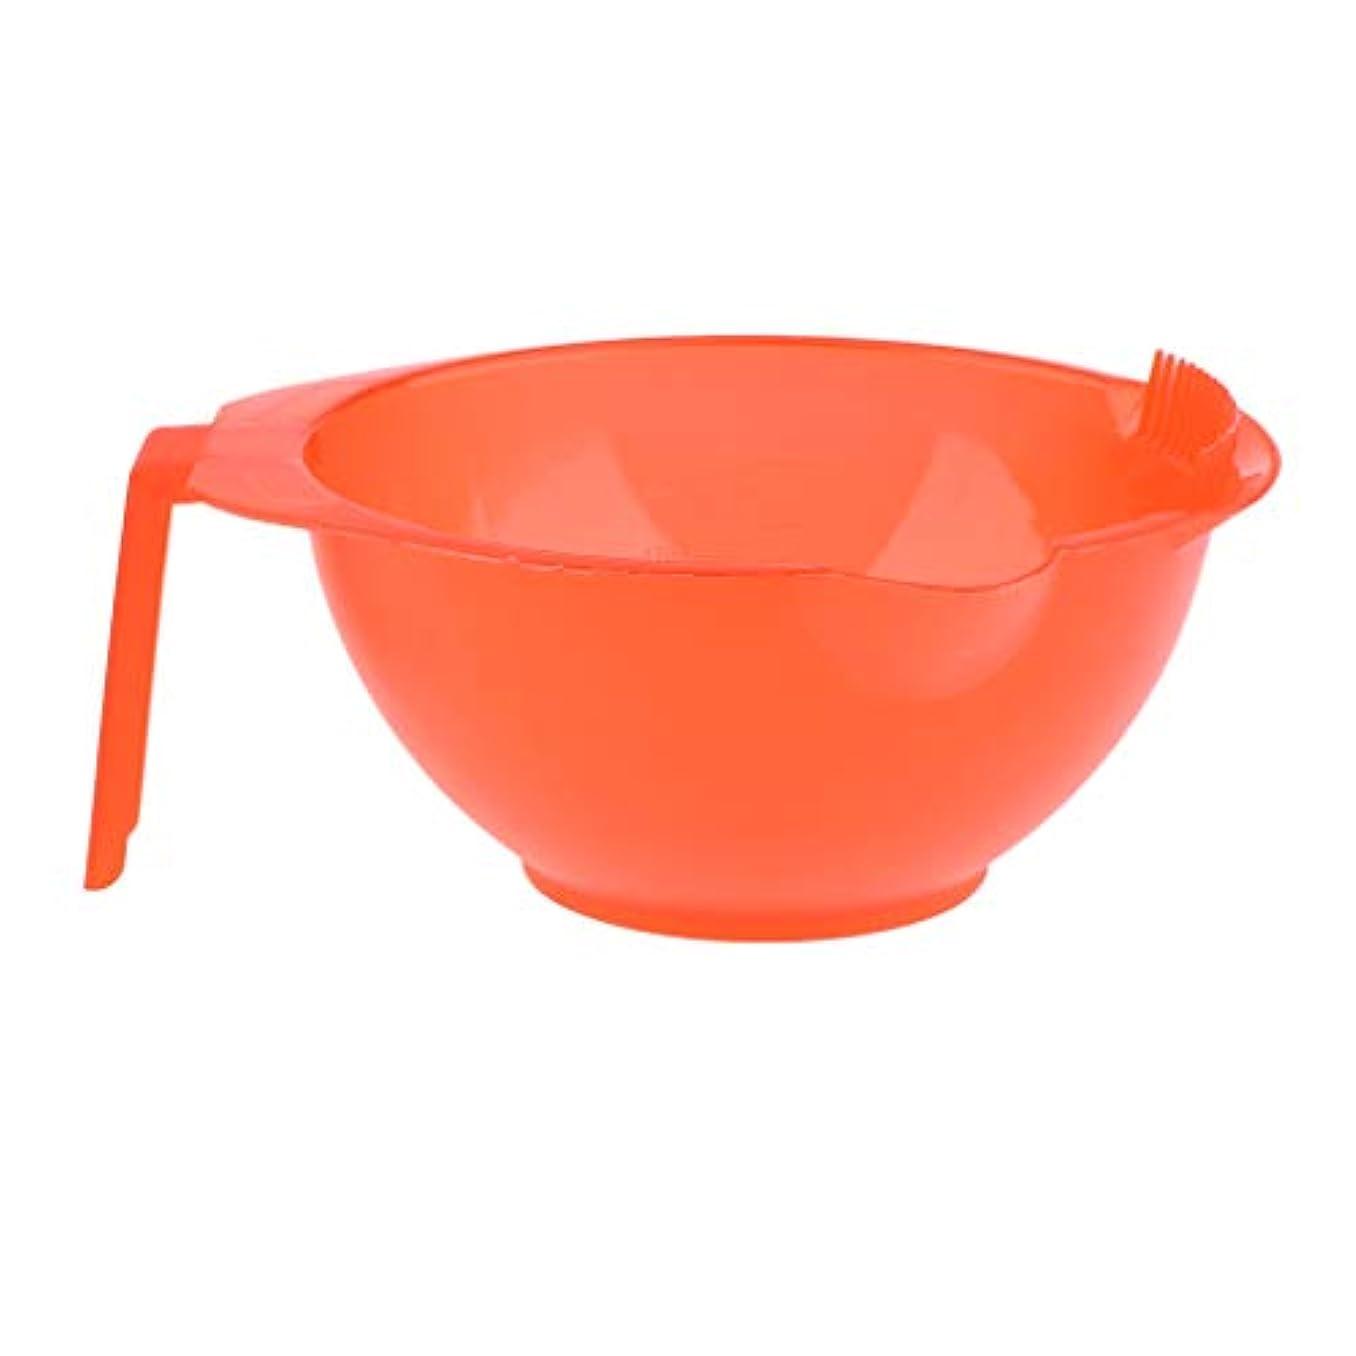 インターネットまもなく侵入するヘアカラーボール ヘアサロン ヘアダイミキシングボウル エッジ付き 5色選べ - 赤